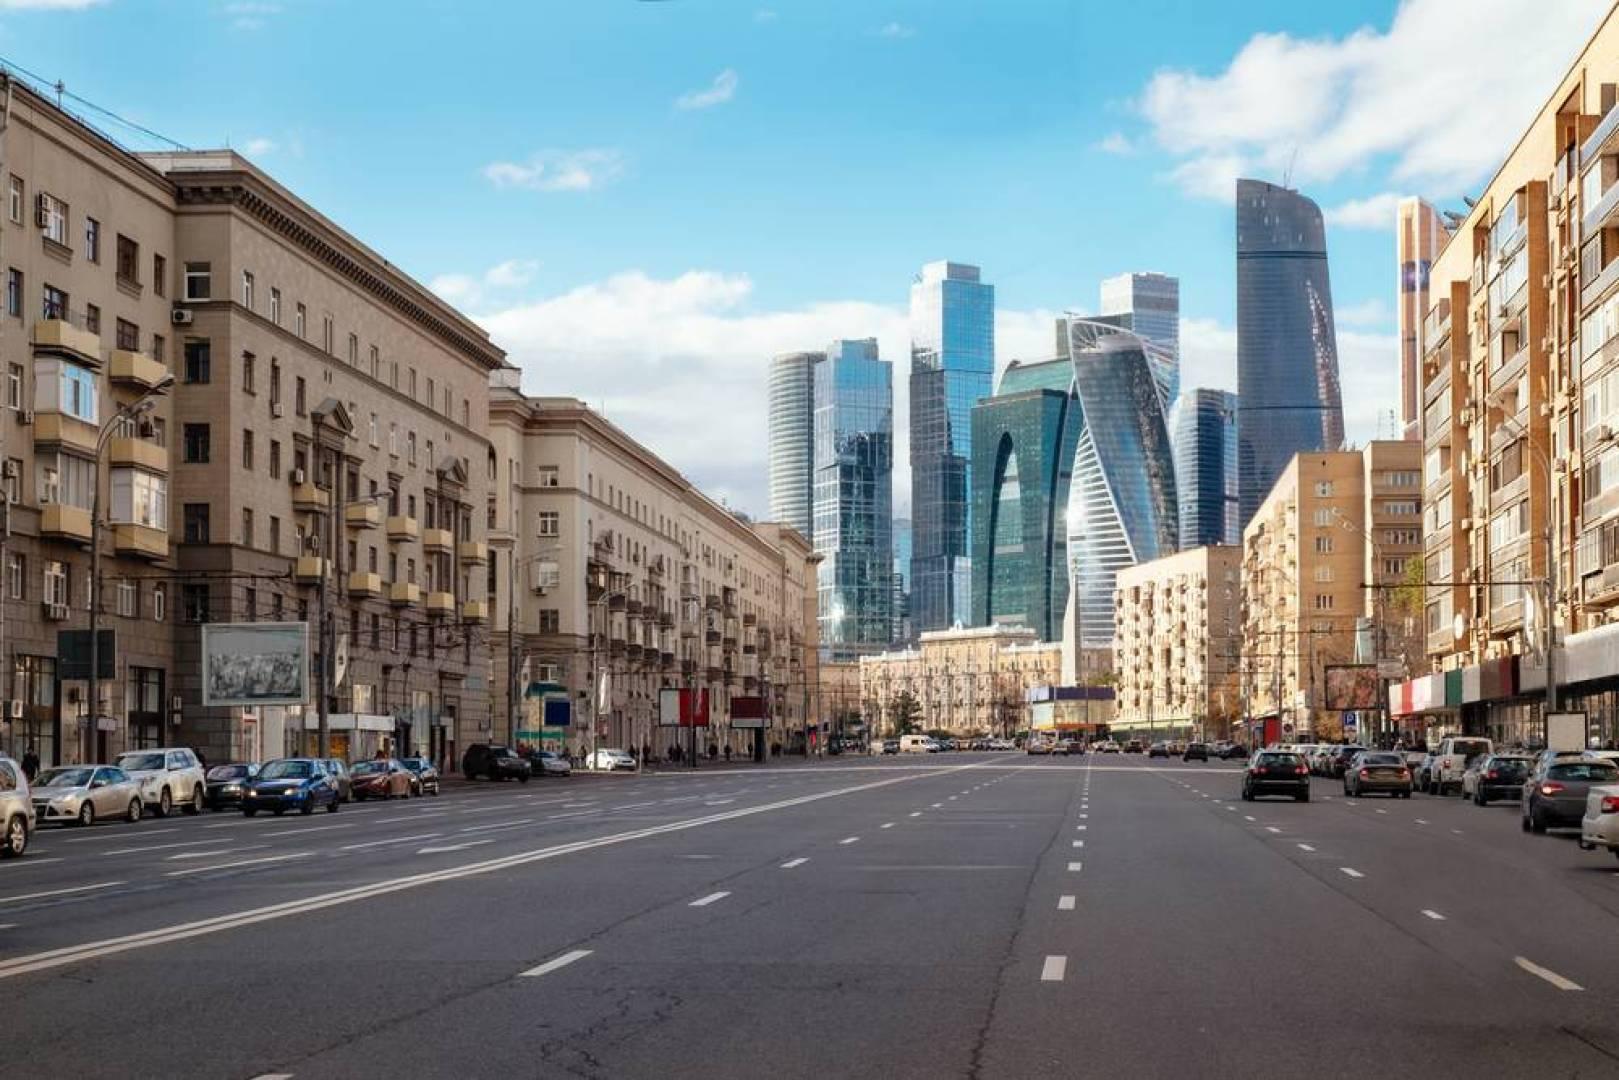 تطبيق للهواتف الذكية لمراقبة تقيّد سكان موسكو بأوامر العزل المنزلي.. لمواجهة كورونا